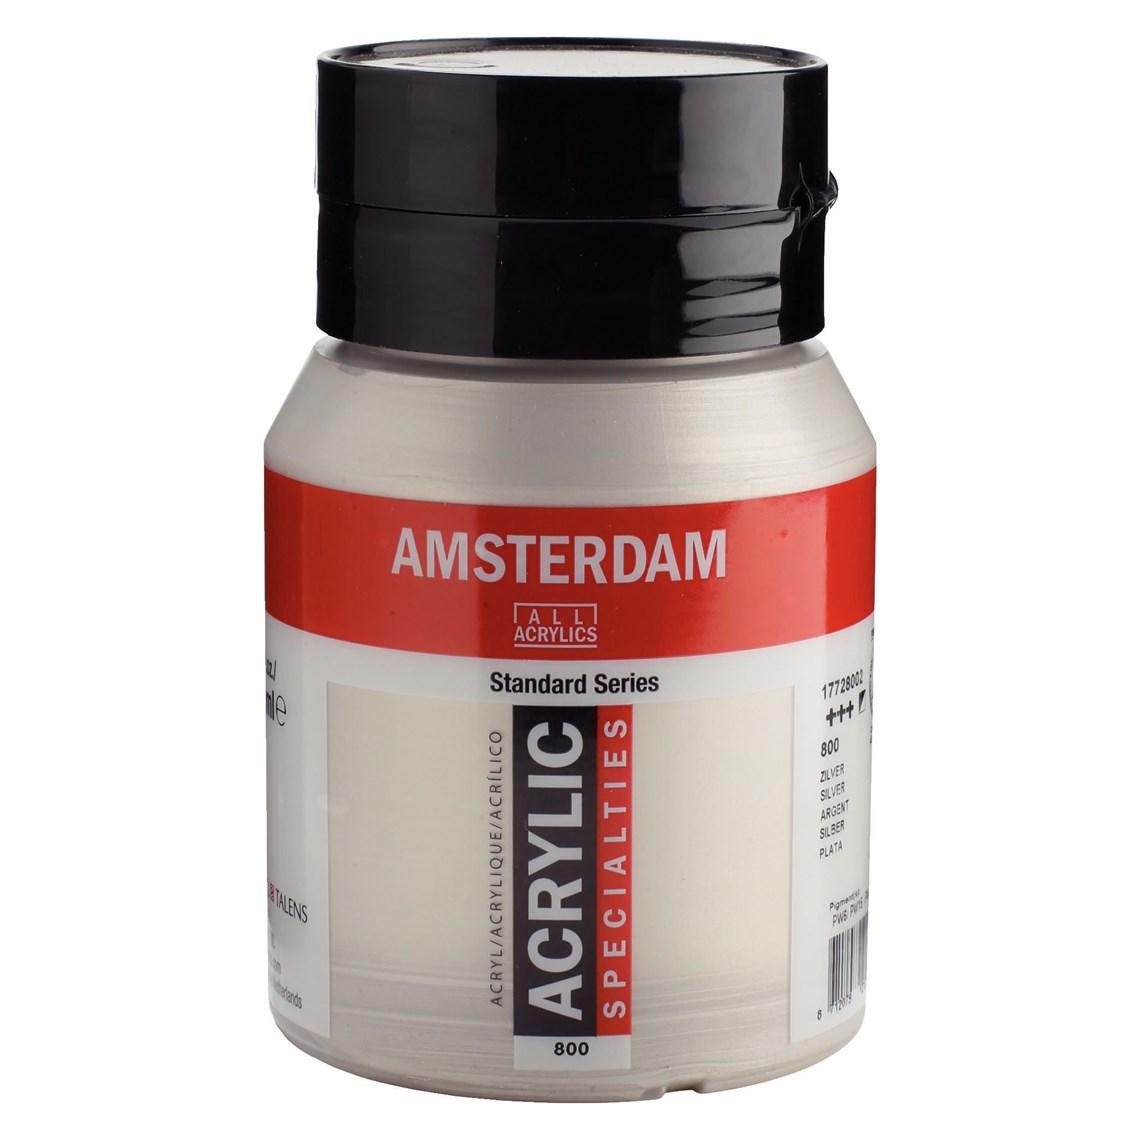 Amsterdam Acryl Zilver 800 specialties